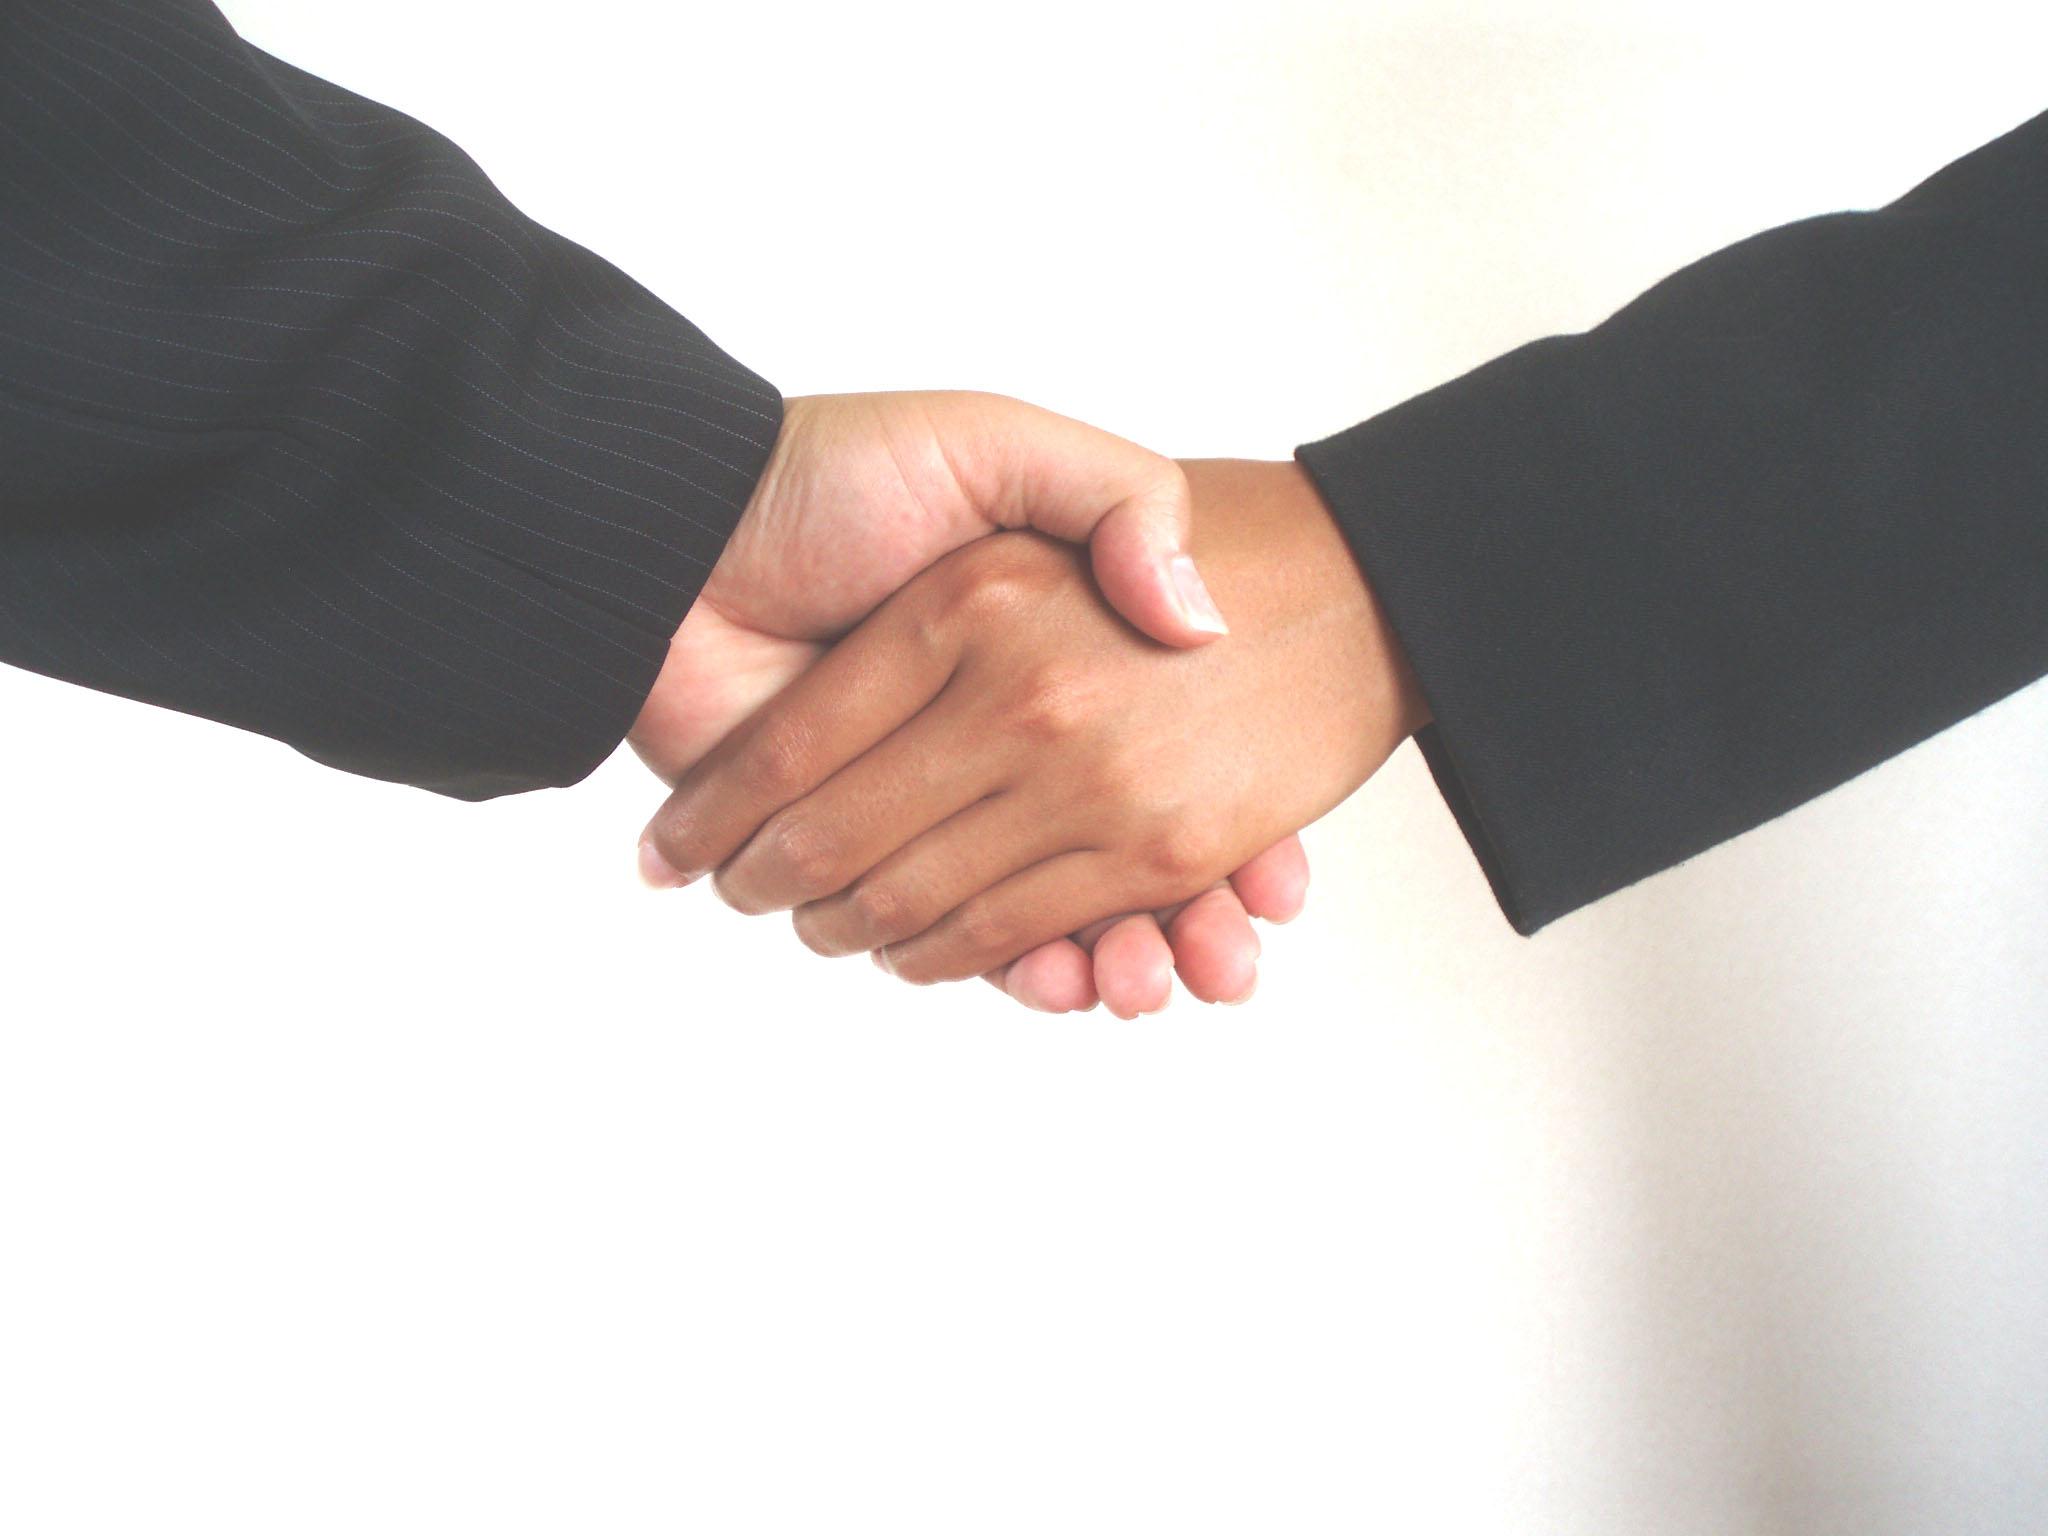 無料のフリー写真集! 握手